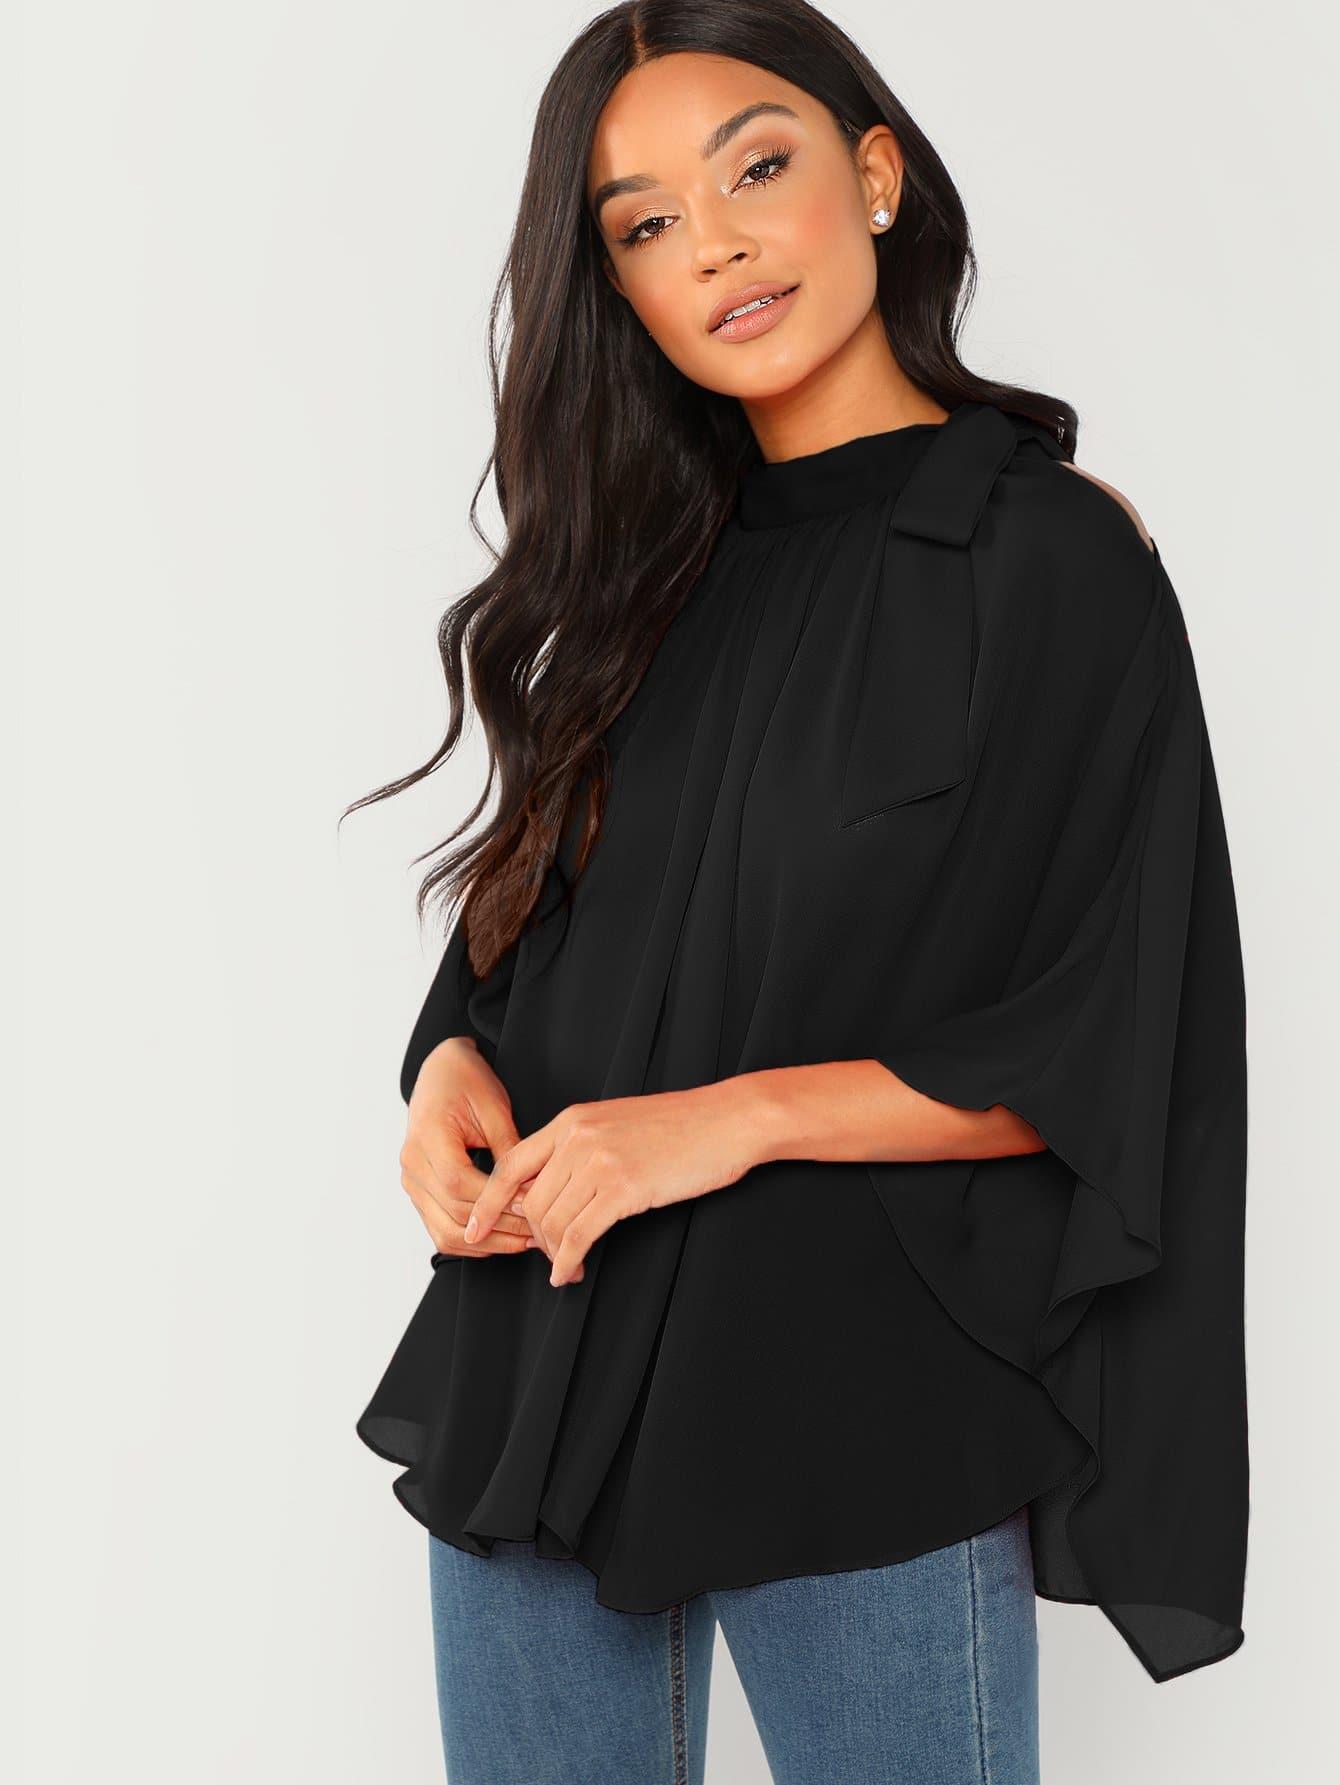 Фото - Шифоновая блузка лук связали шеи от SheIn черного цвета